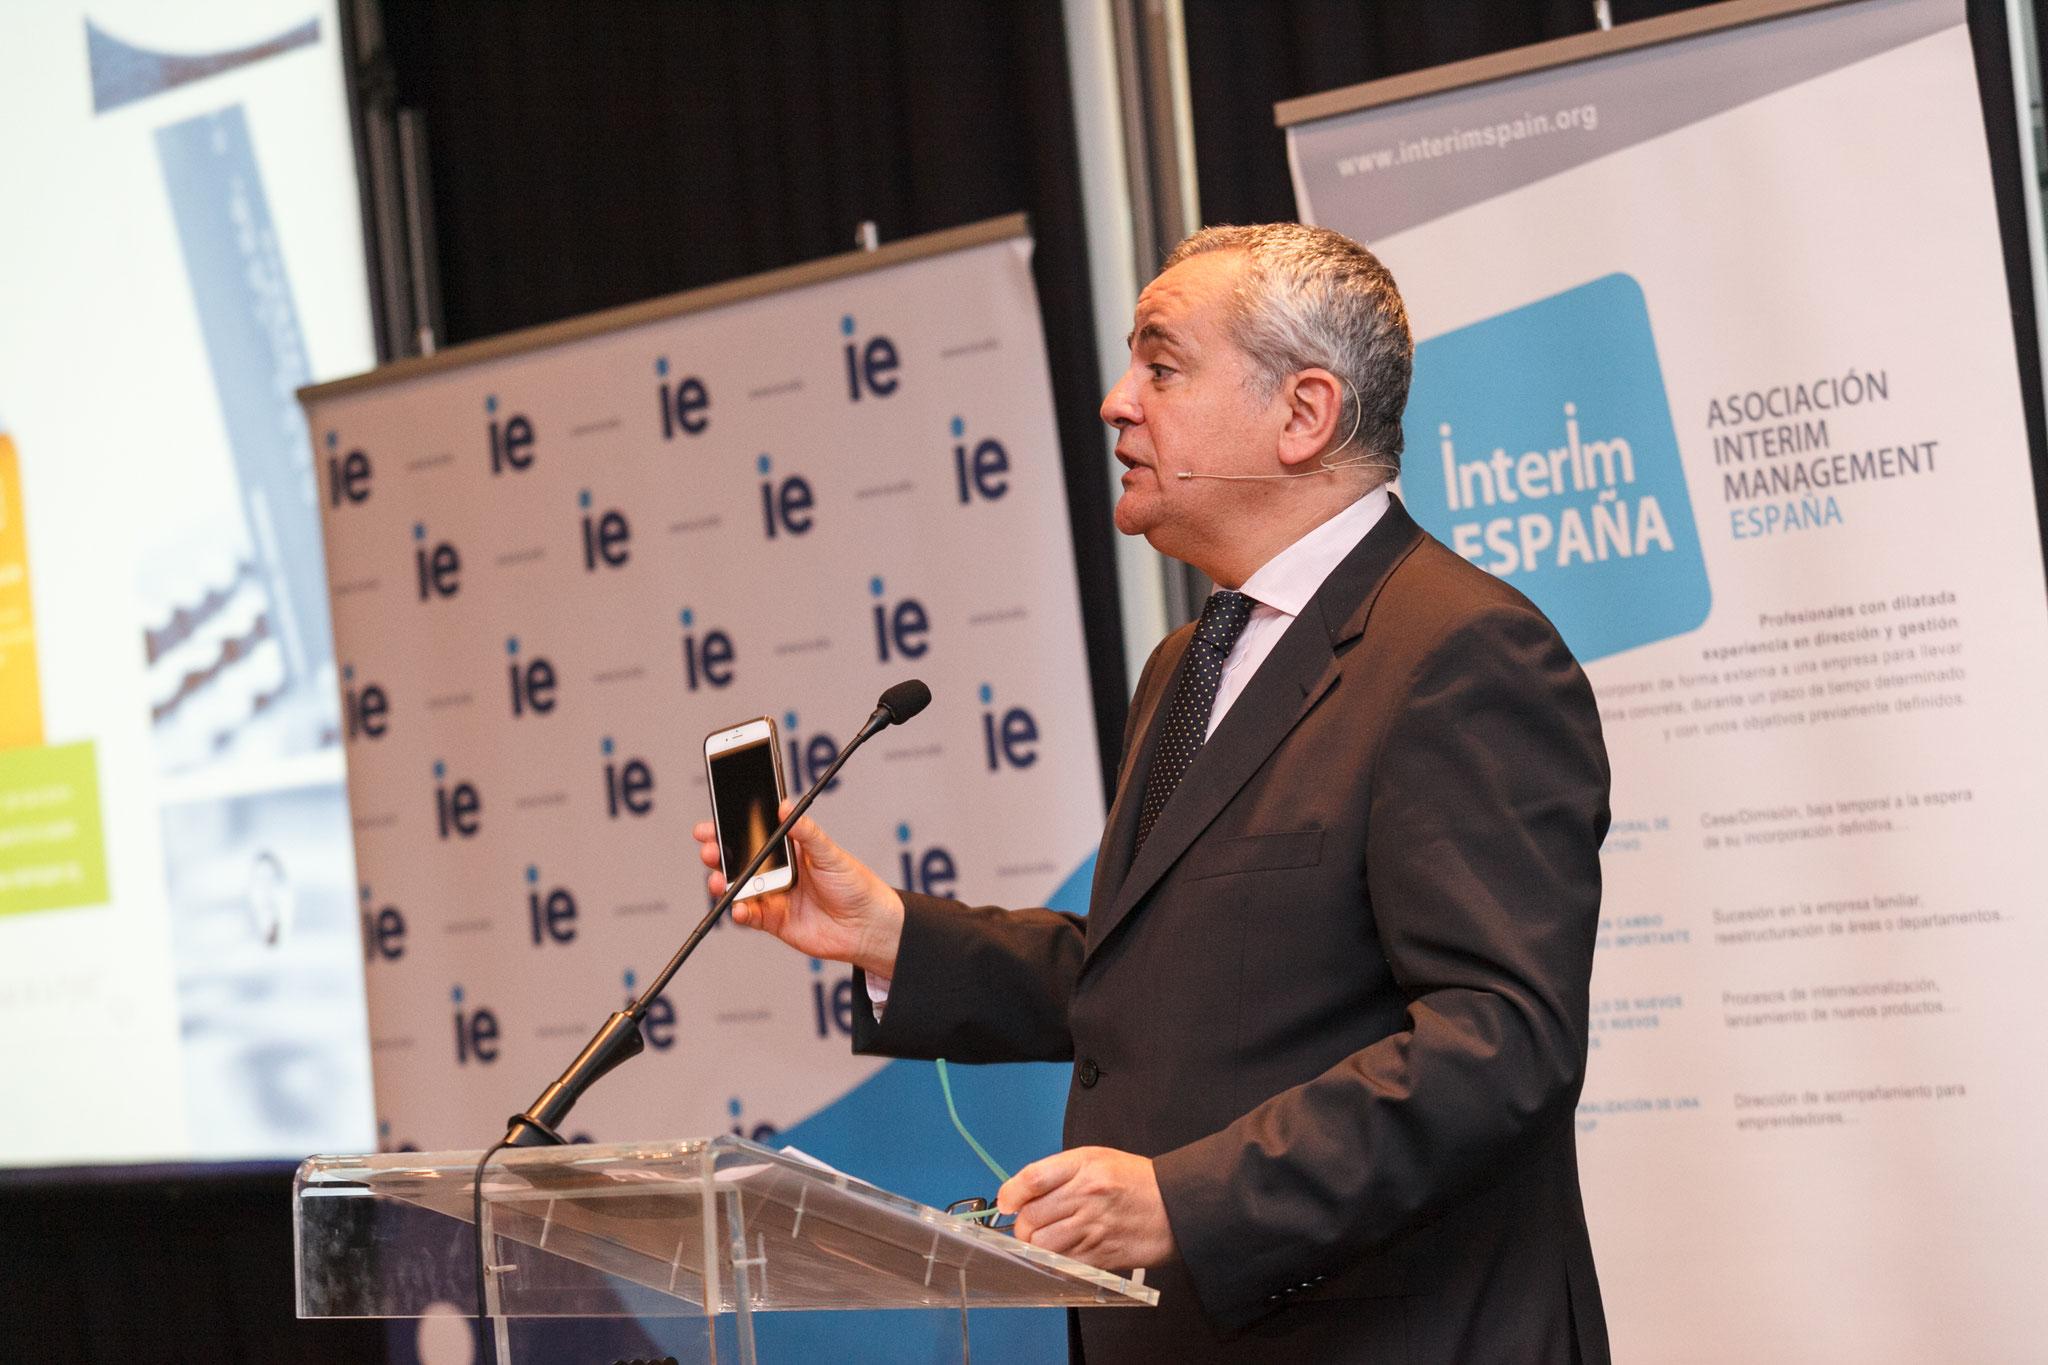 Presentación del evento por parte Juanma Romero (Presentador de TVE)